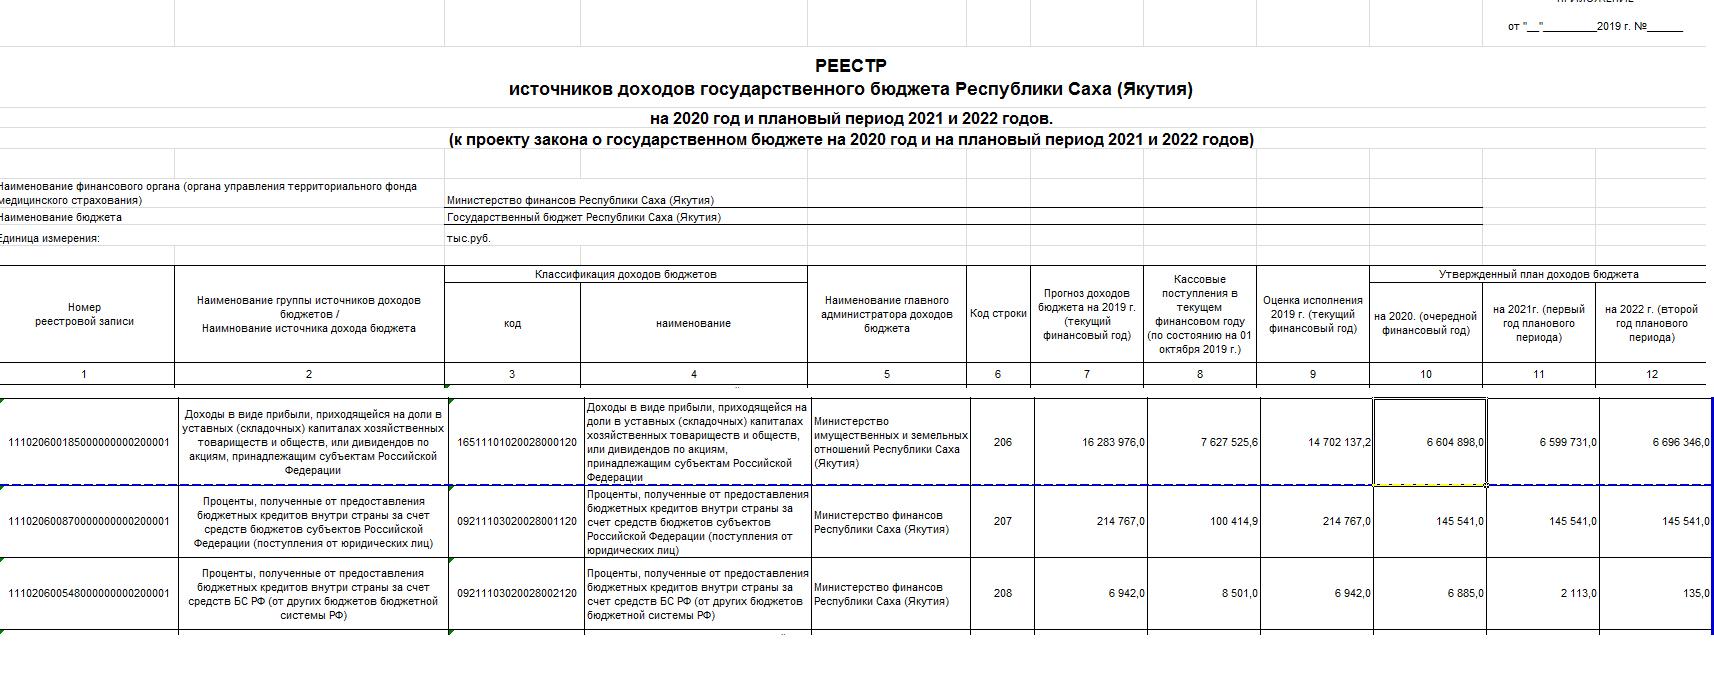 Дивиденды Алроса за 2 полугодие 2019. Прогноз дивидендов за 2020 на основе бюджета Якутии.